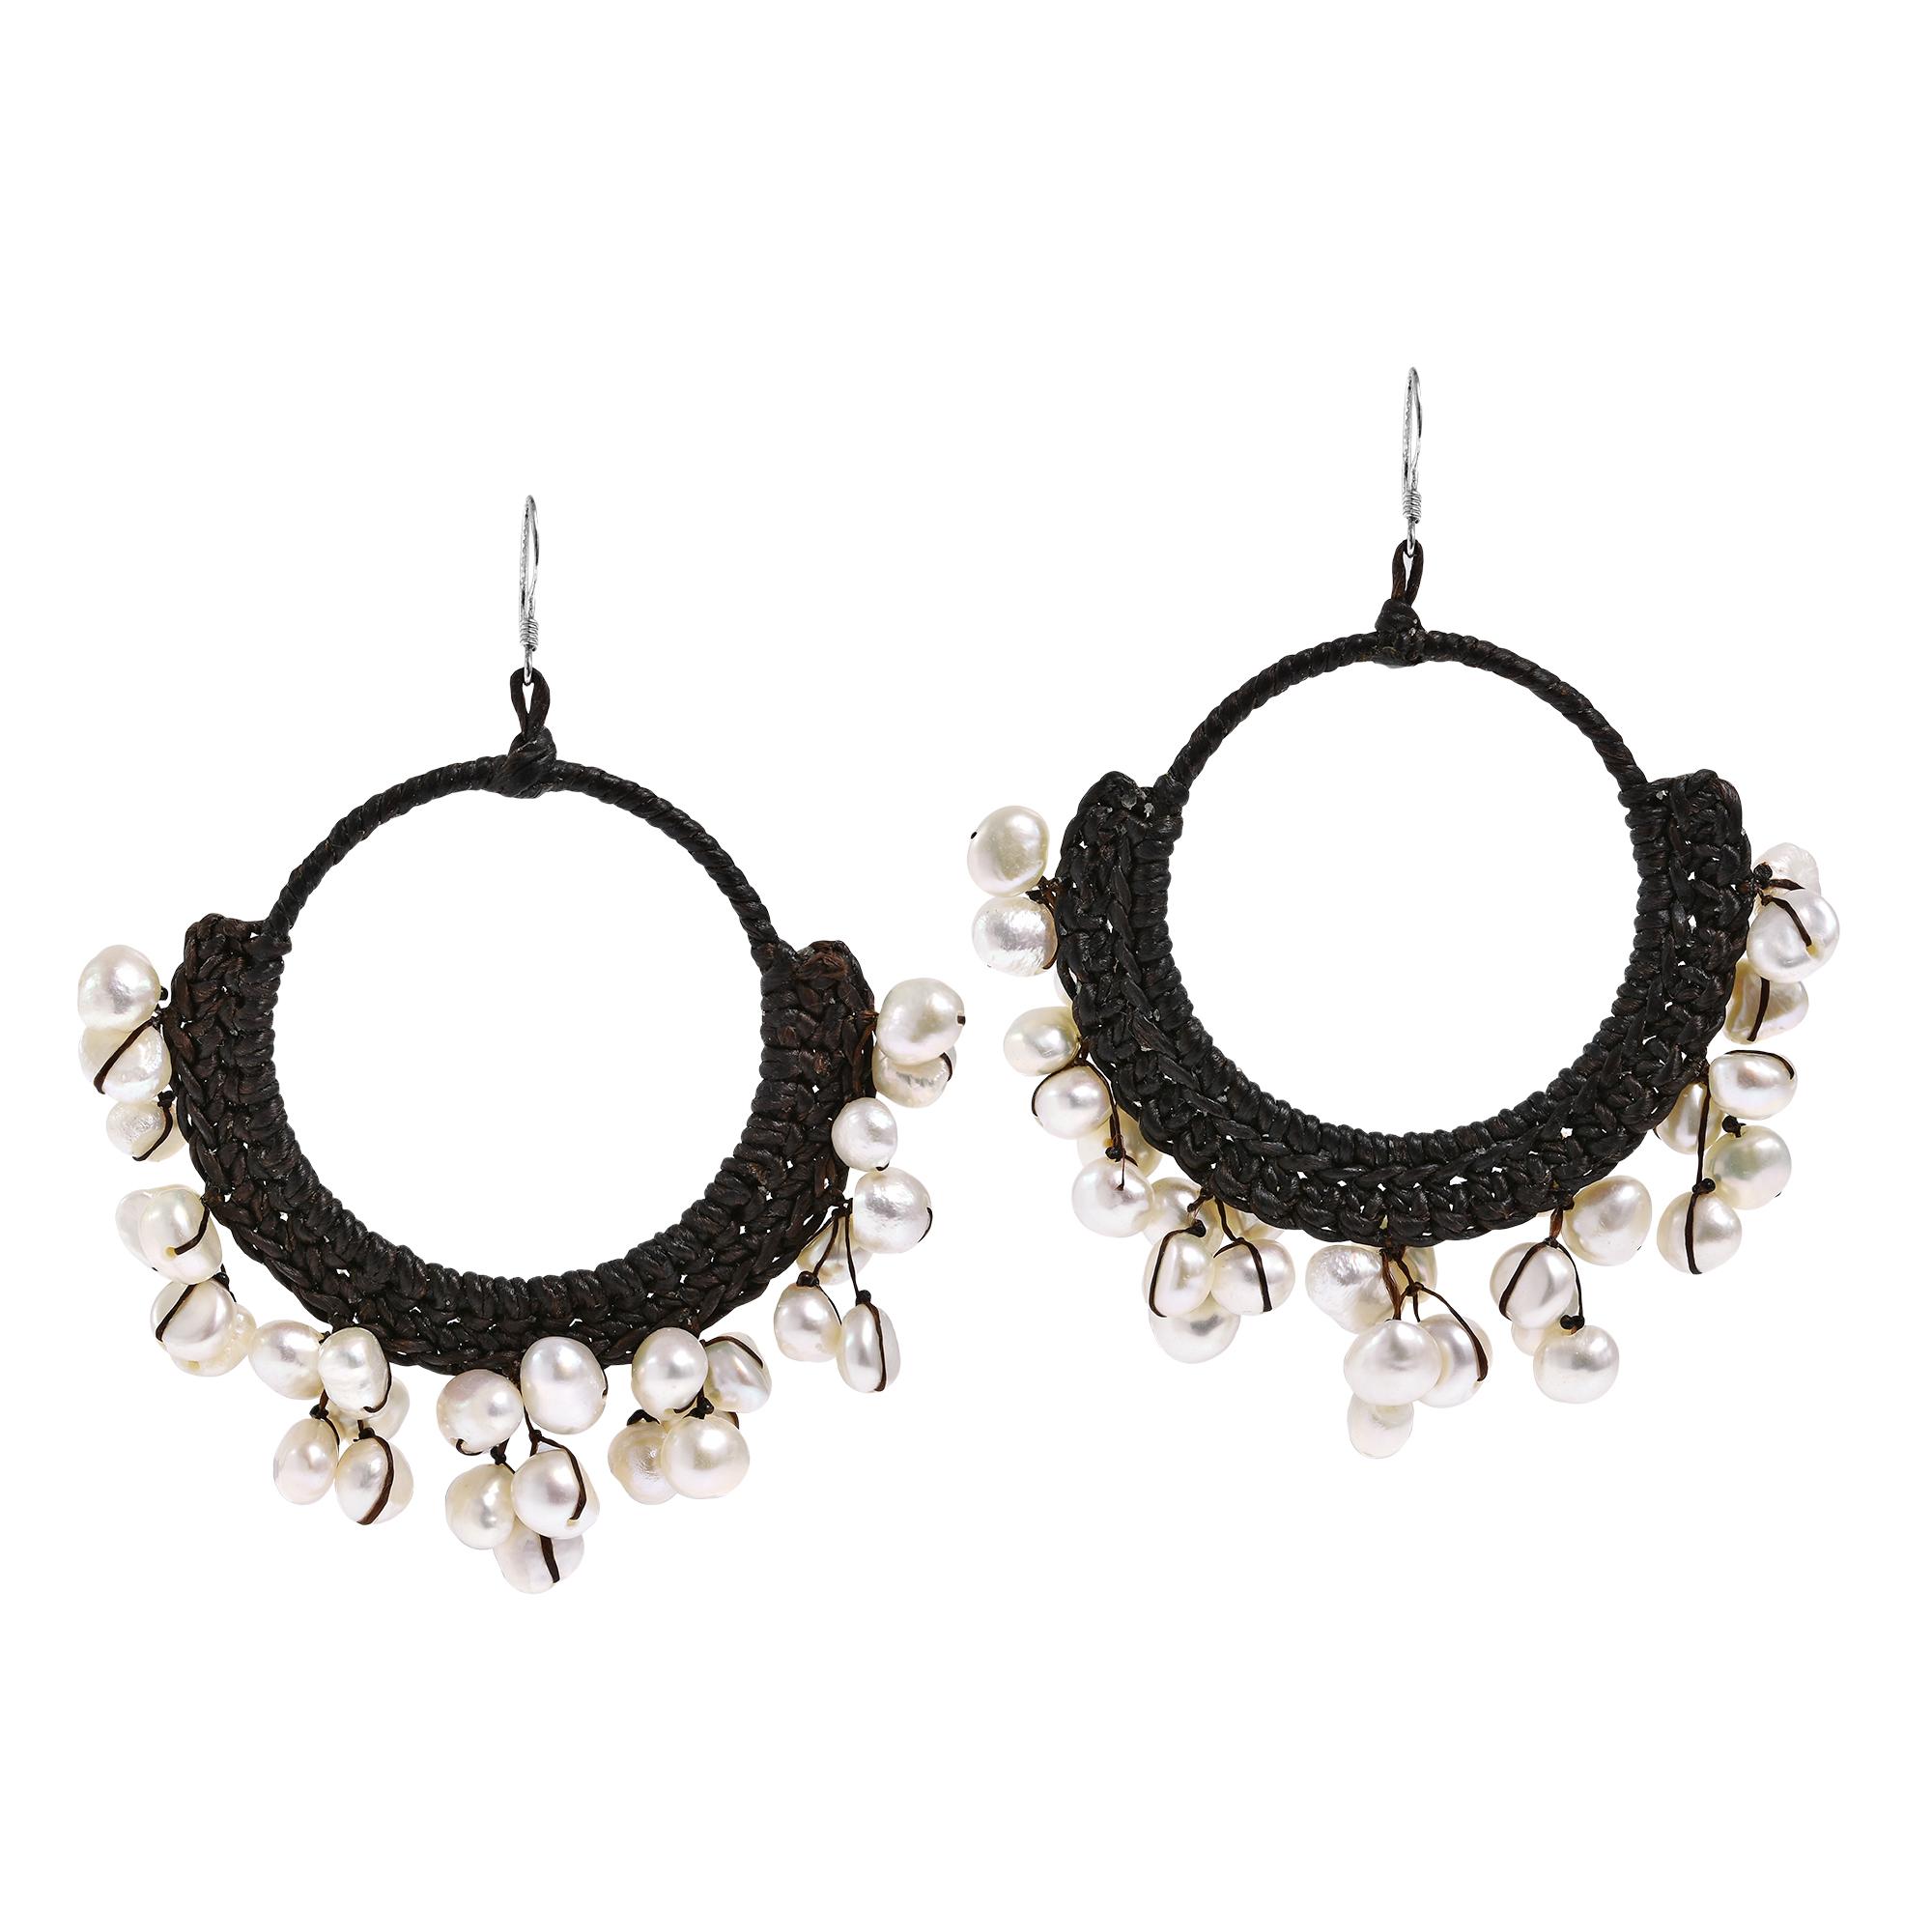 ff31d0c012e12a Freshwater White Pearl Chandelier Hoop Earrings